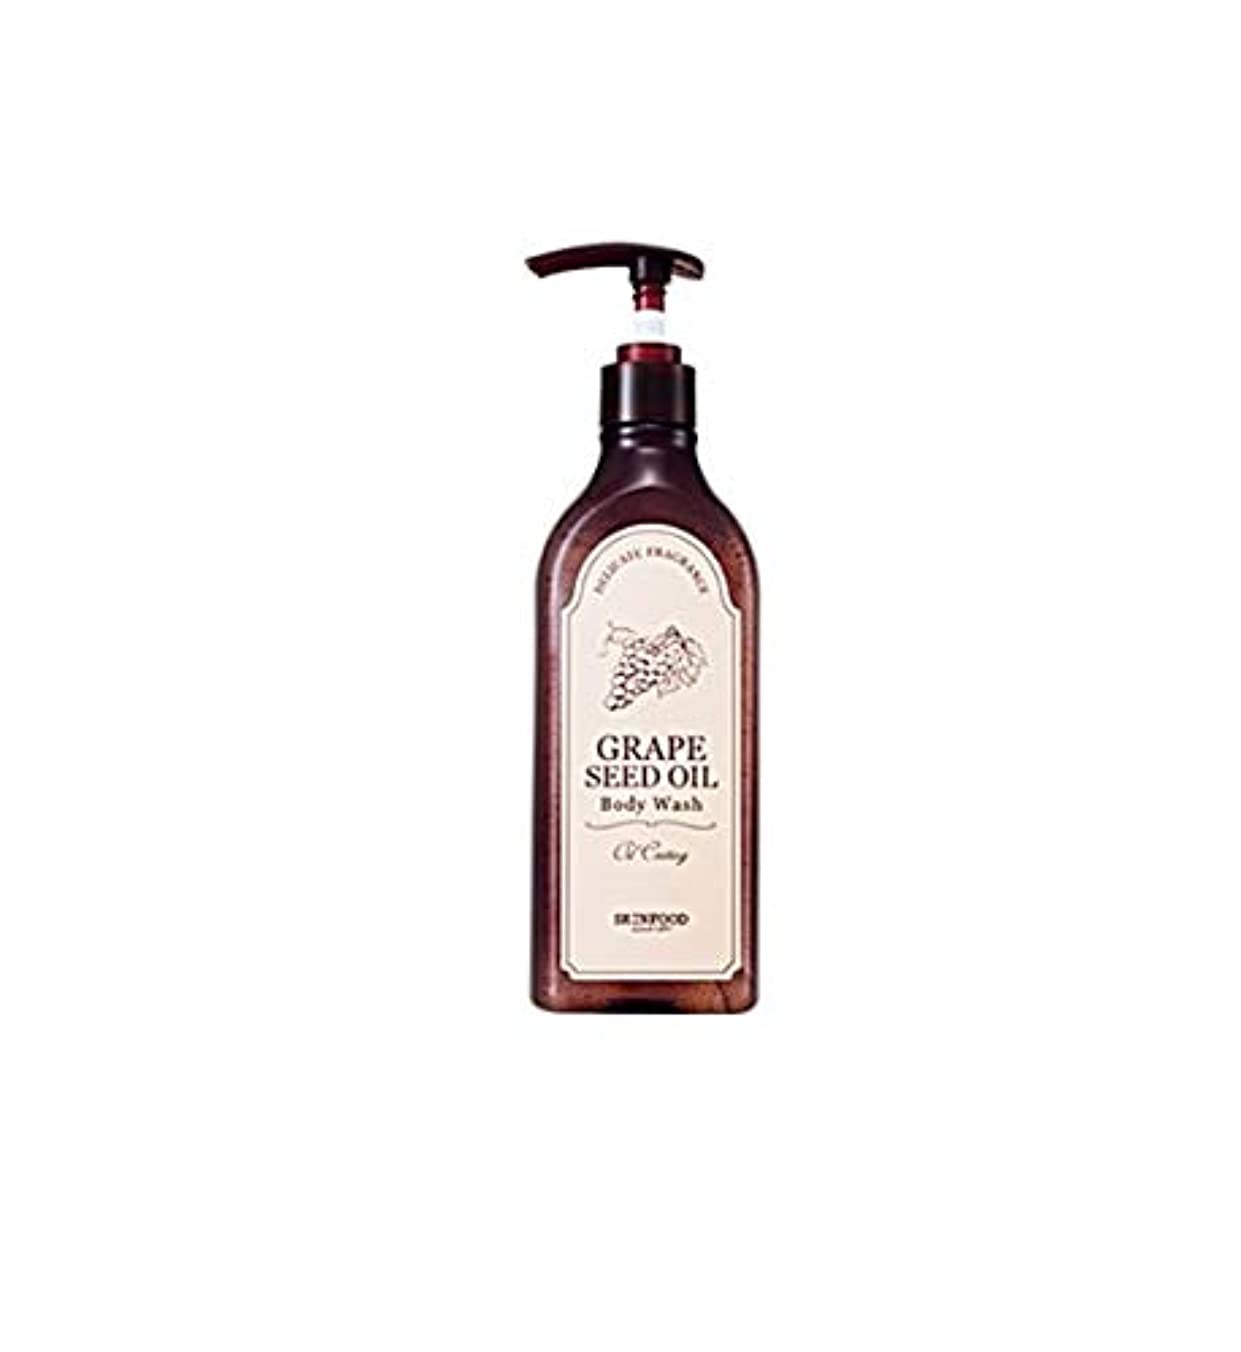 カストディアン主要な不純Skinfood グレープシードオイルボディウォッシュ/Grape Seed Oil Body Wash 335ml [並行輸入品]